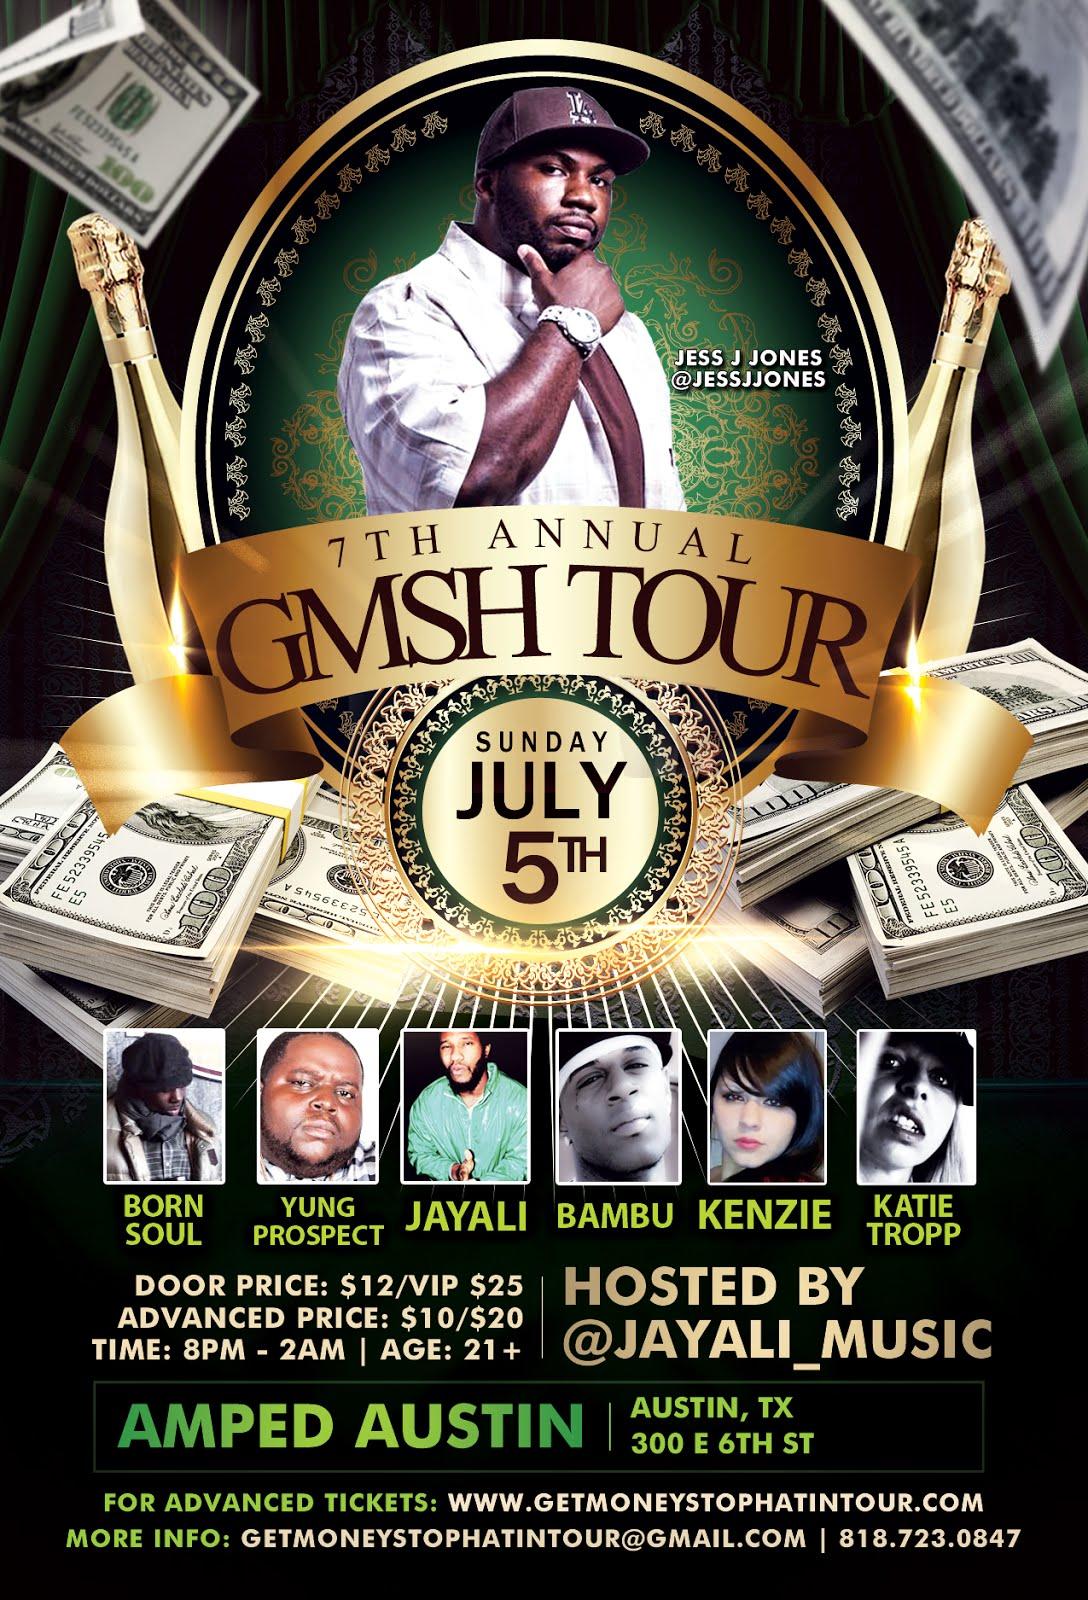 GMSH Tour-Austin, TX